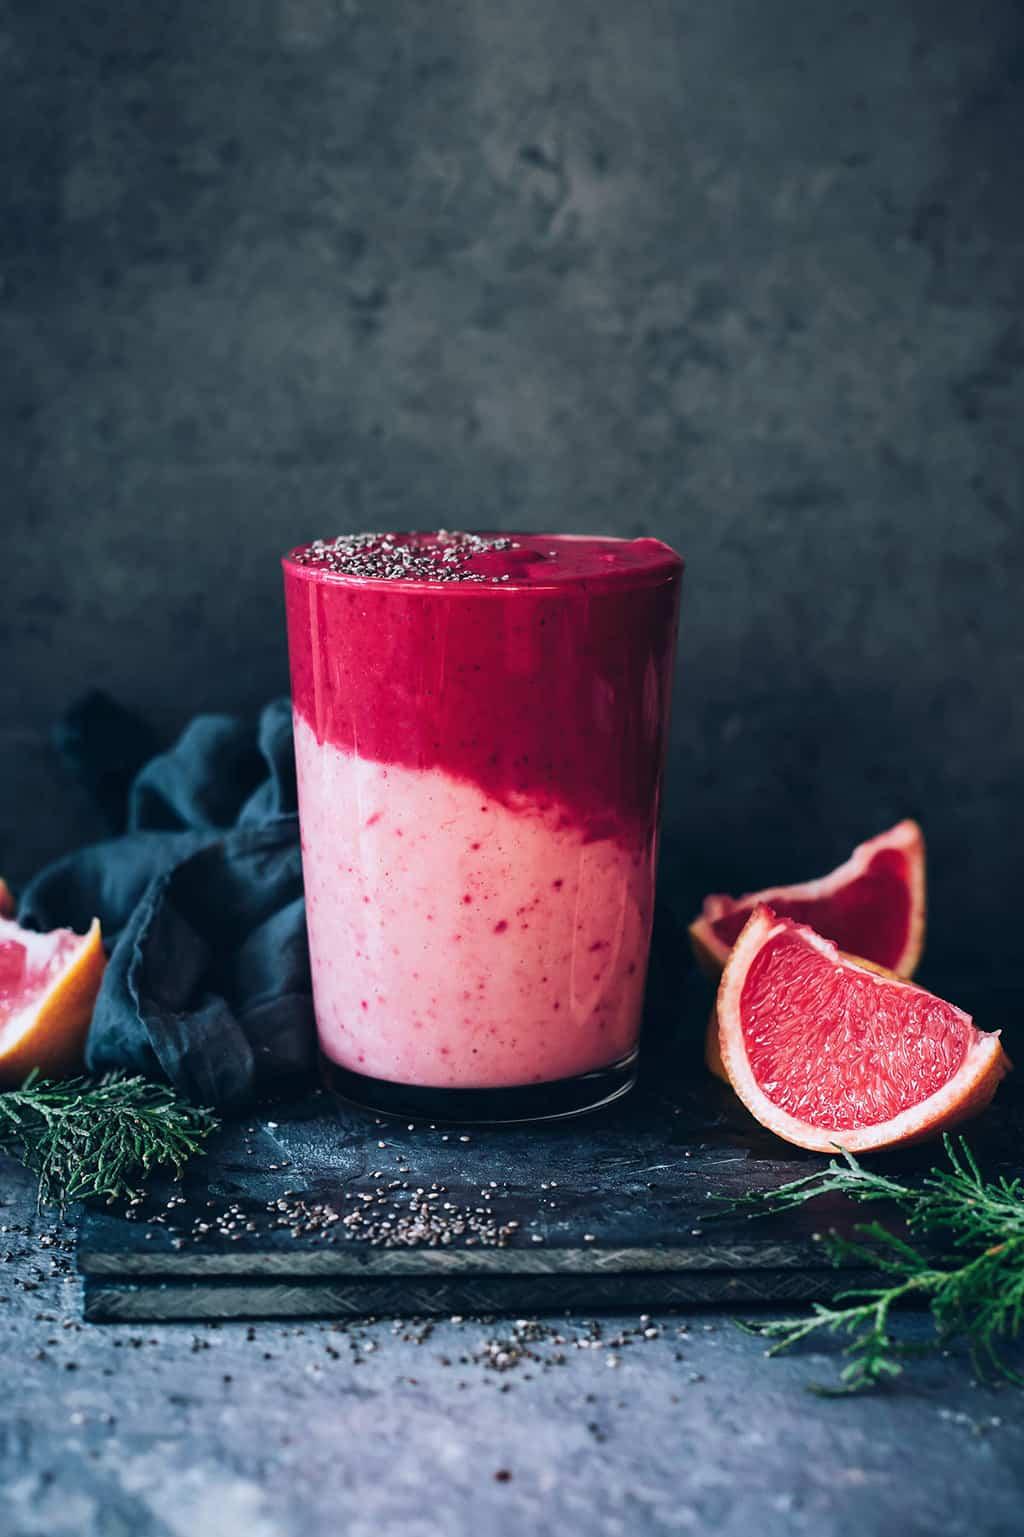 Grapefruit Immune Boosting Smoothie